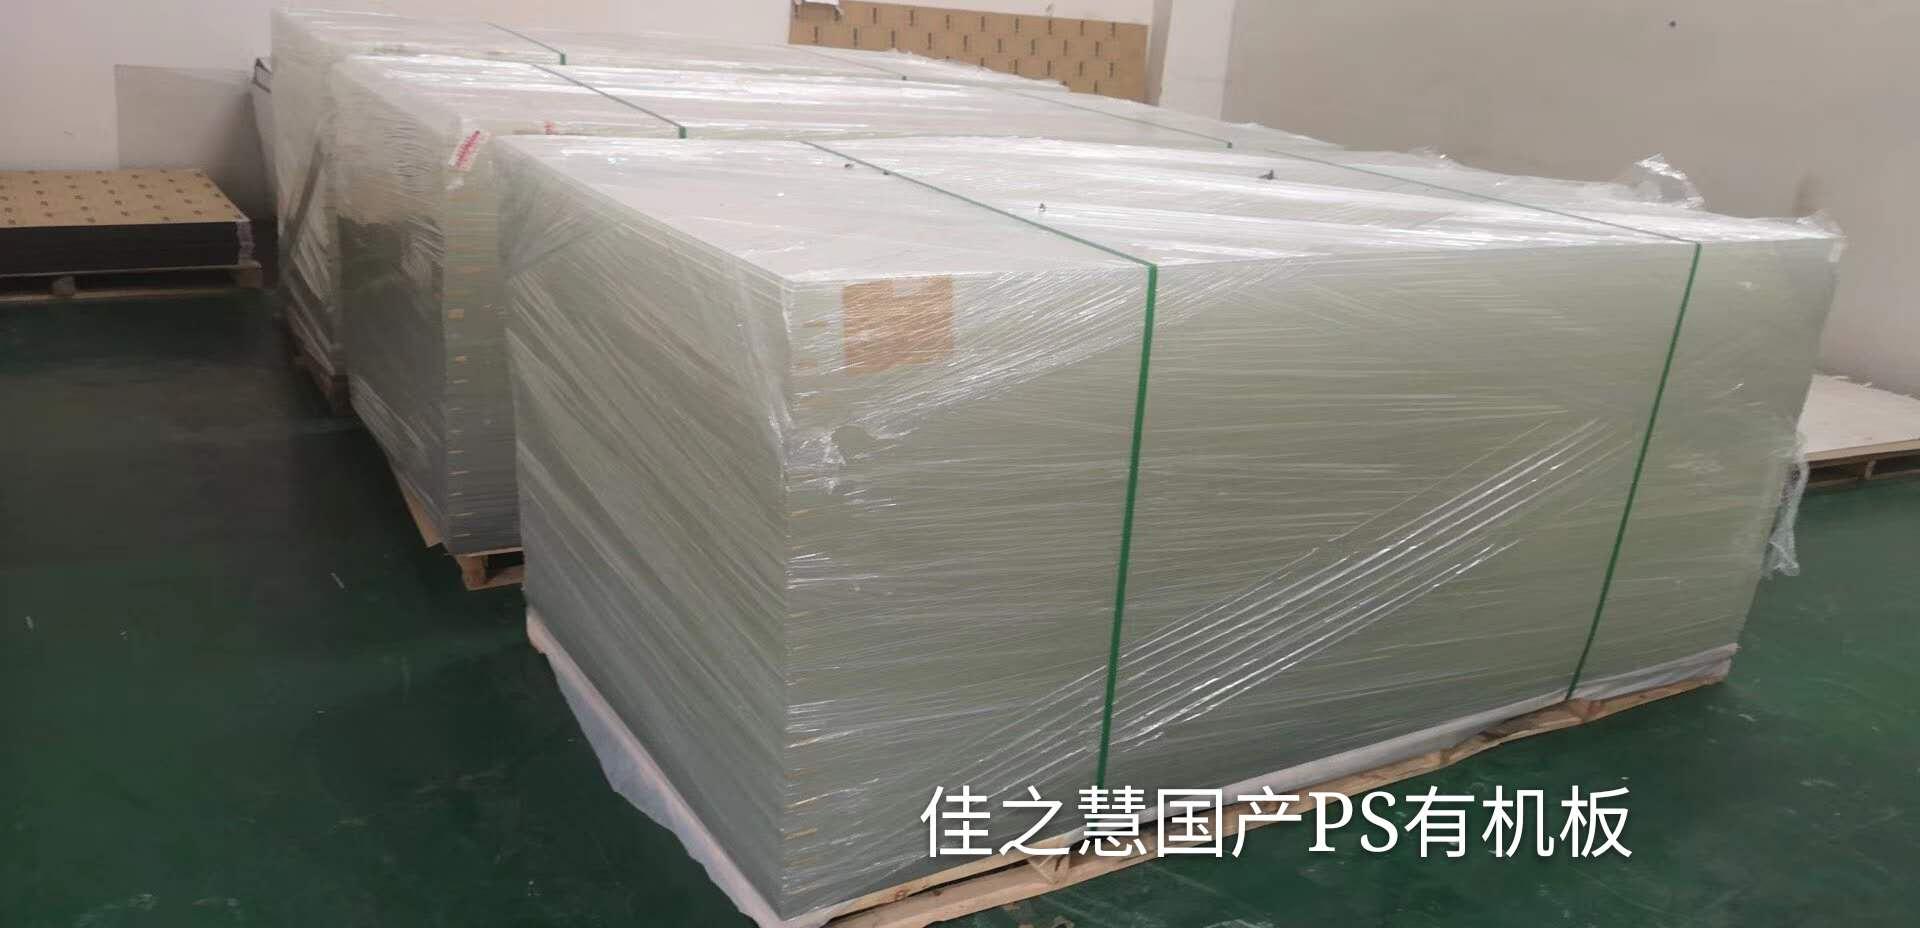 直售浇筑板,挤压板,PS国产板